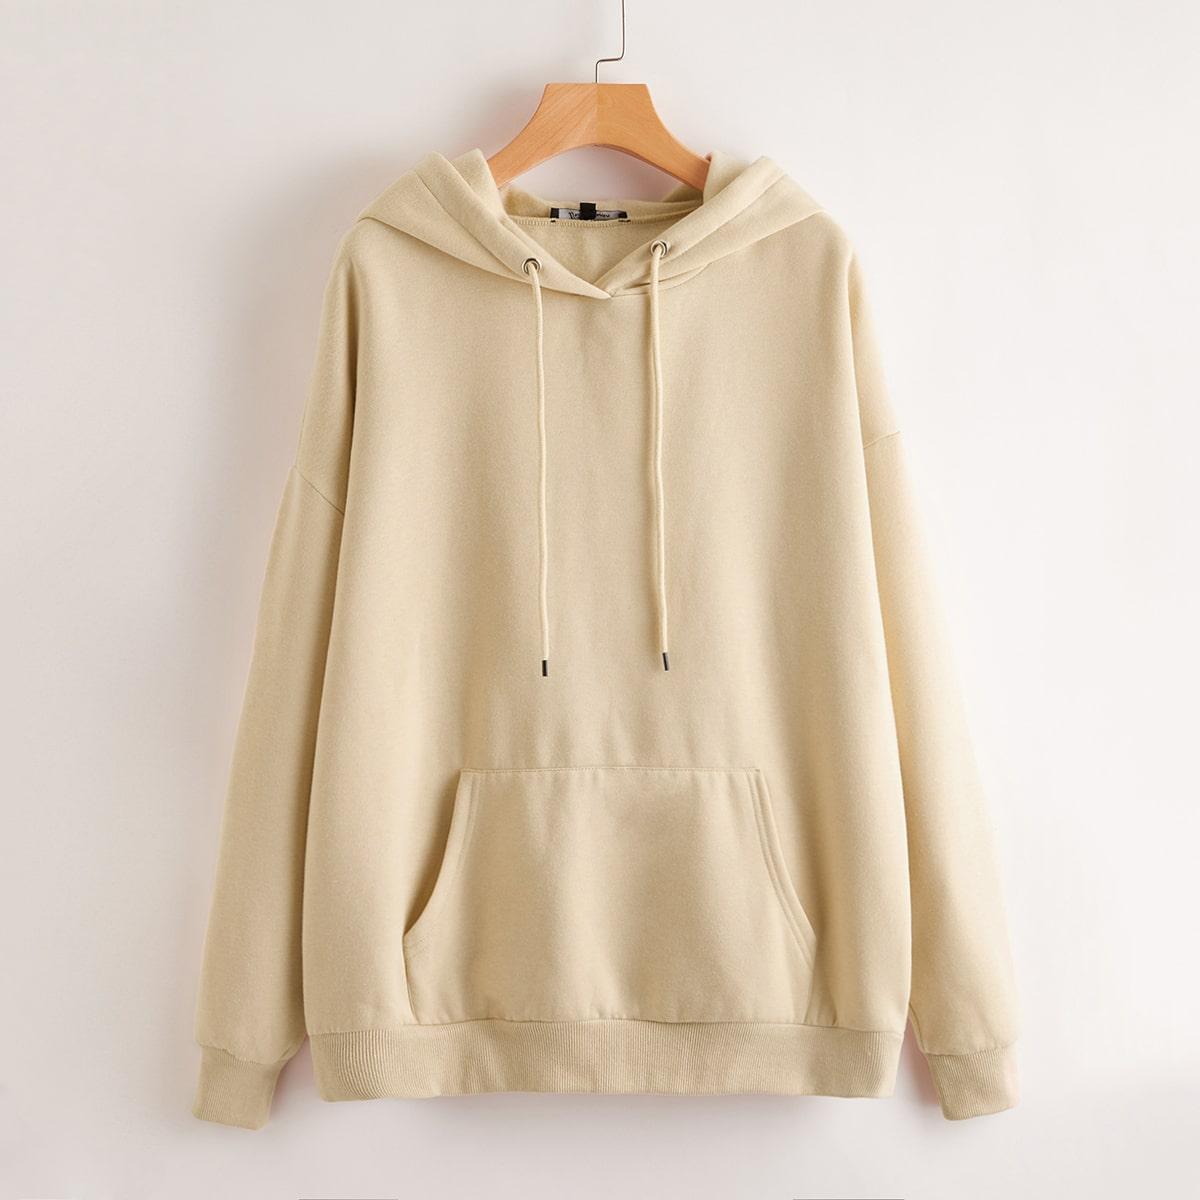 SHEIN / Oversized Kangaroo Pocket Drawstring Hoodie